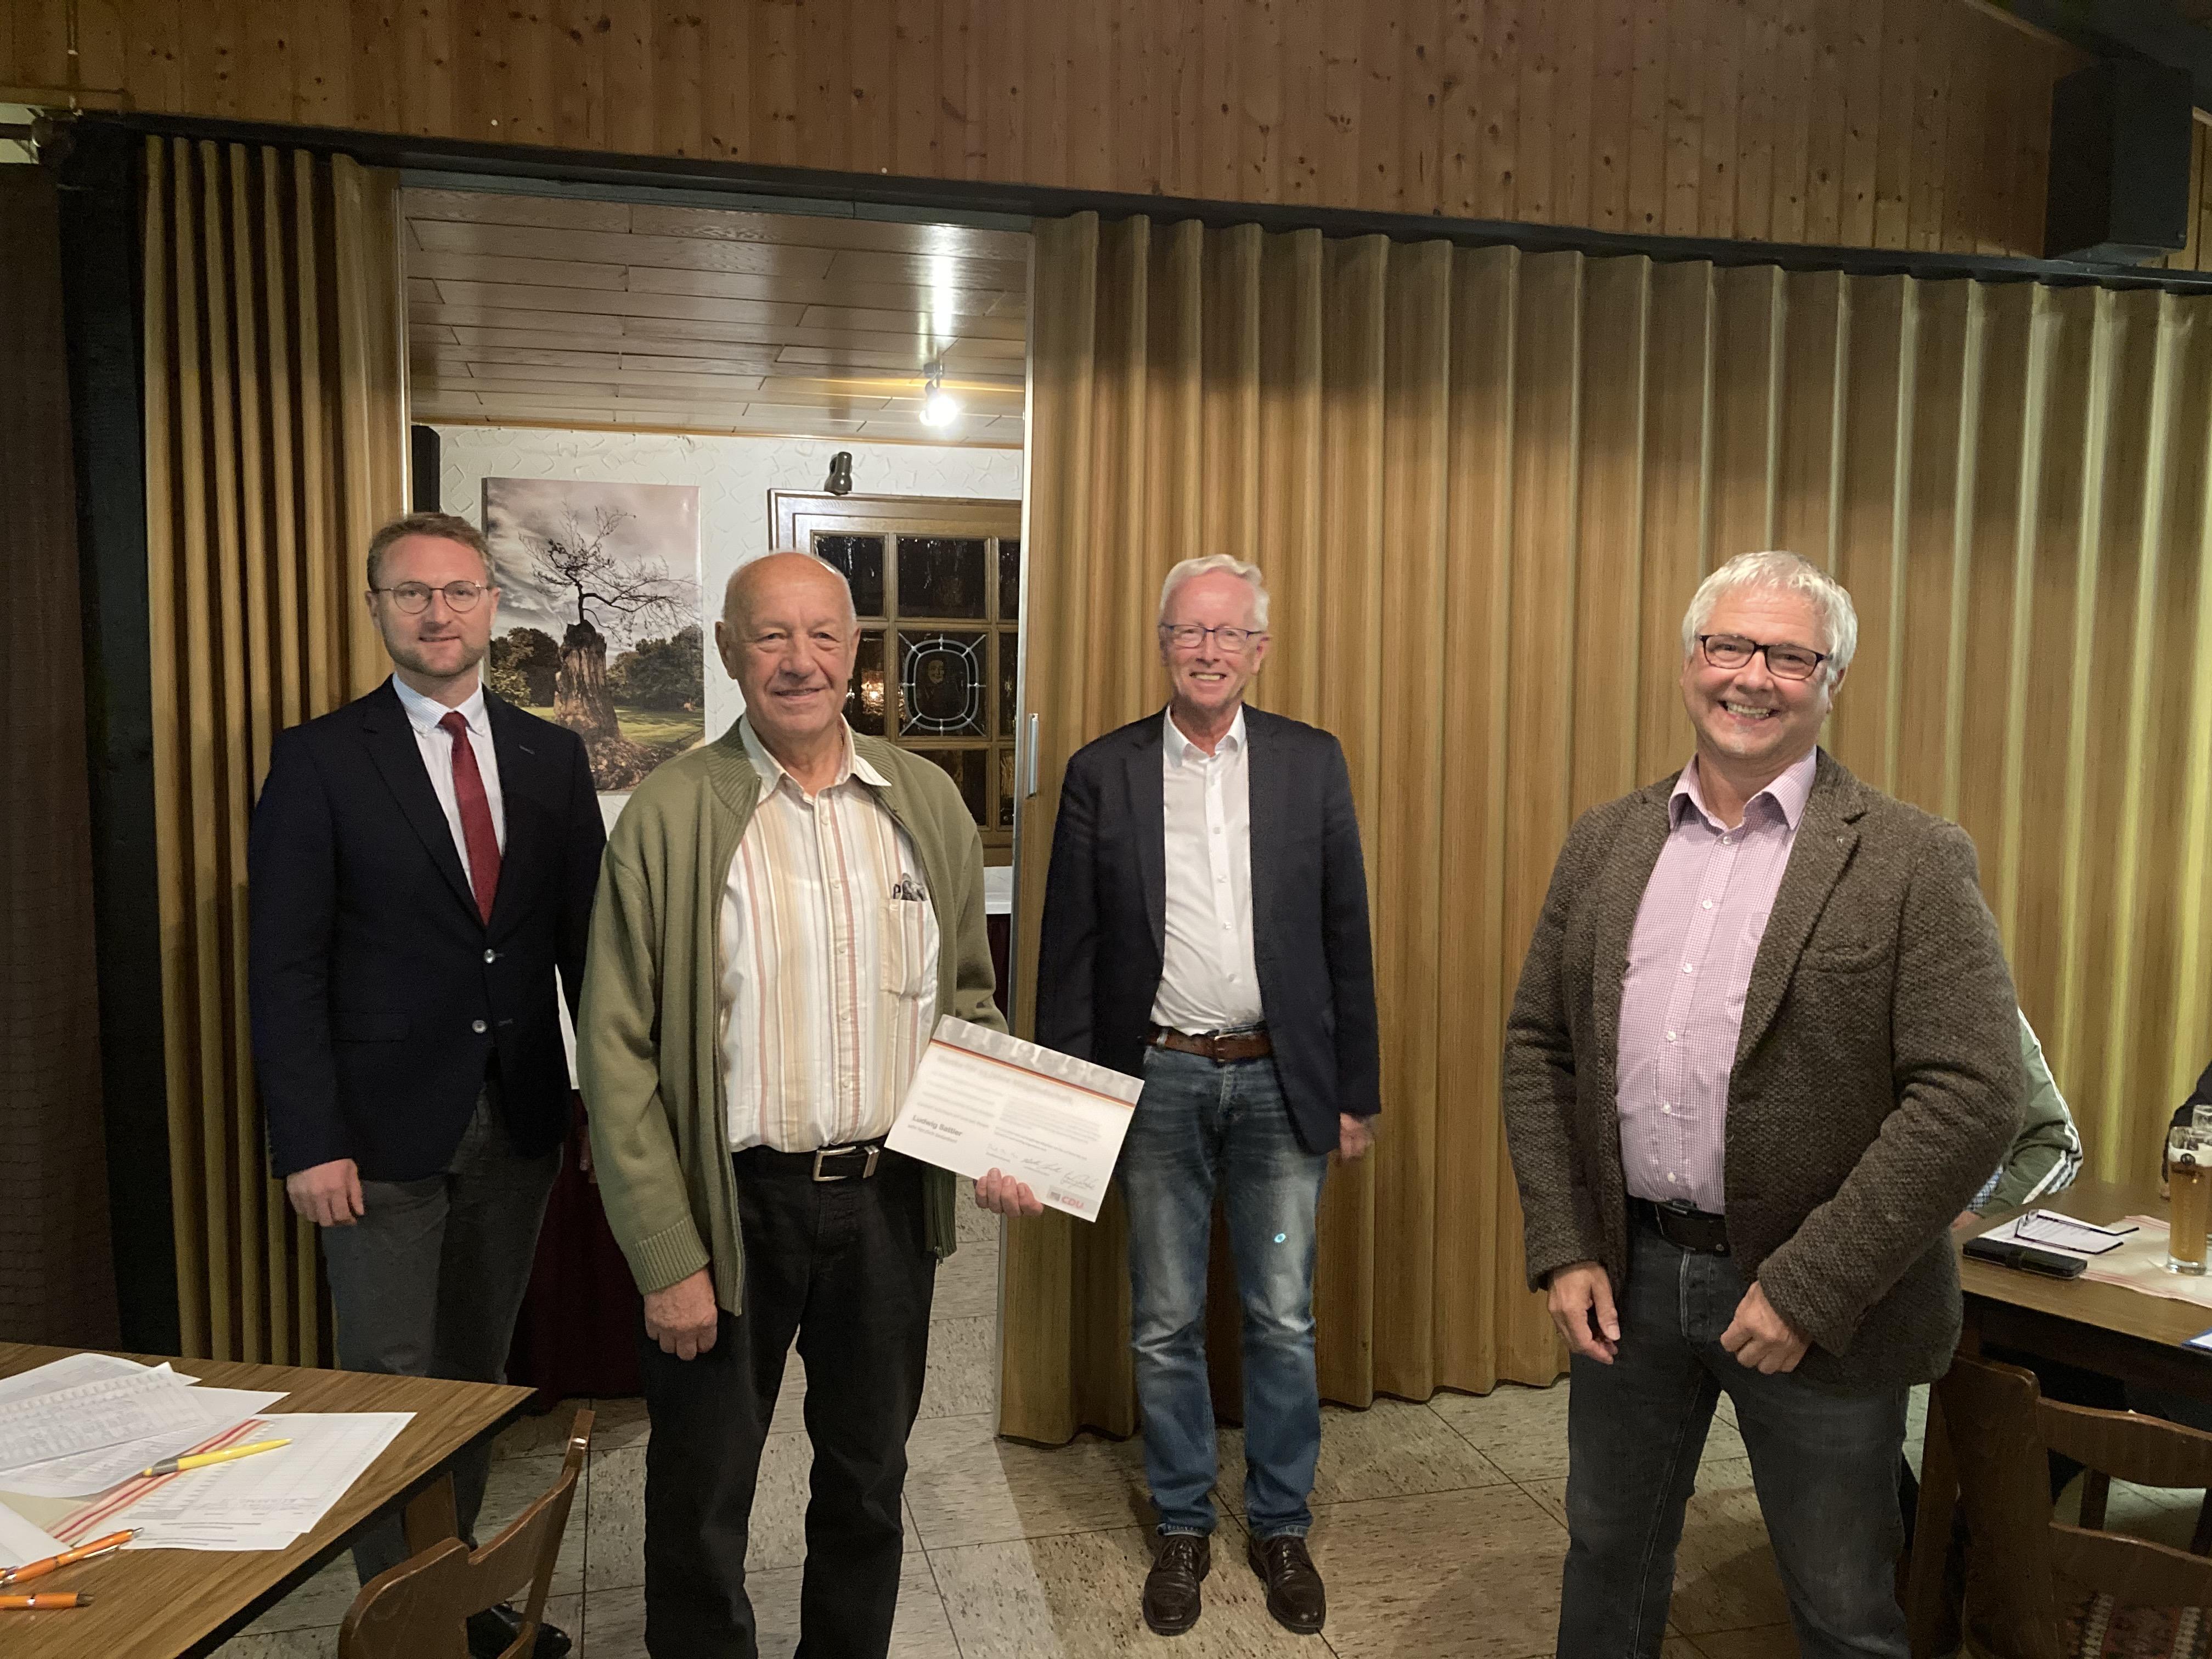 Bildunterzeile: Ludwif Sattler (Kirtorf) (2.v.l.) wurde von Dr. Jens Mischak (links), Ehrenbürgermeister Ulrich Künz (2.v.r.) sowie Stadtverbandsvorsitzenden Wolfgang Schönhals (rechts) für 25-jährige CDU-Mitgliedschaft geehrt.     Bild: Jennifer Gießler